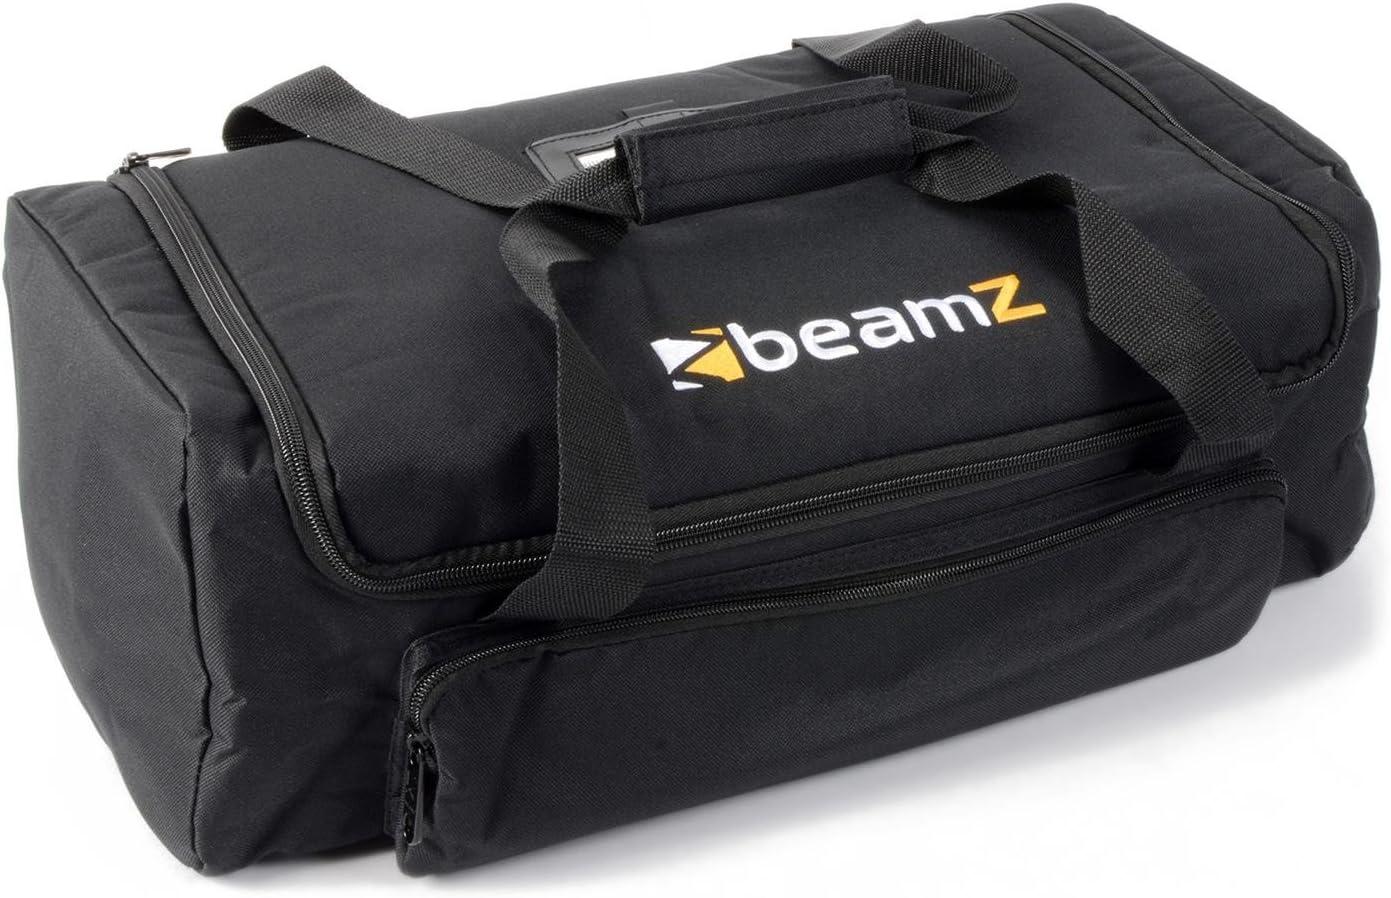 BeamZ AC-135 Negro - Caja (Negro, 49,5 cm, 26,7 cm, 19 cm, Resistente al Polvo, Resistente a rayones)